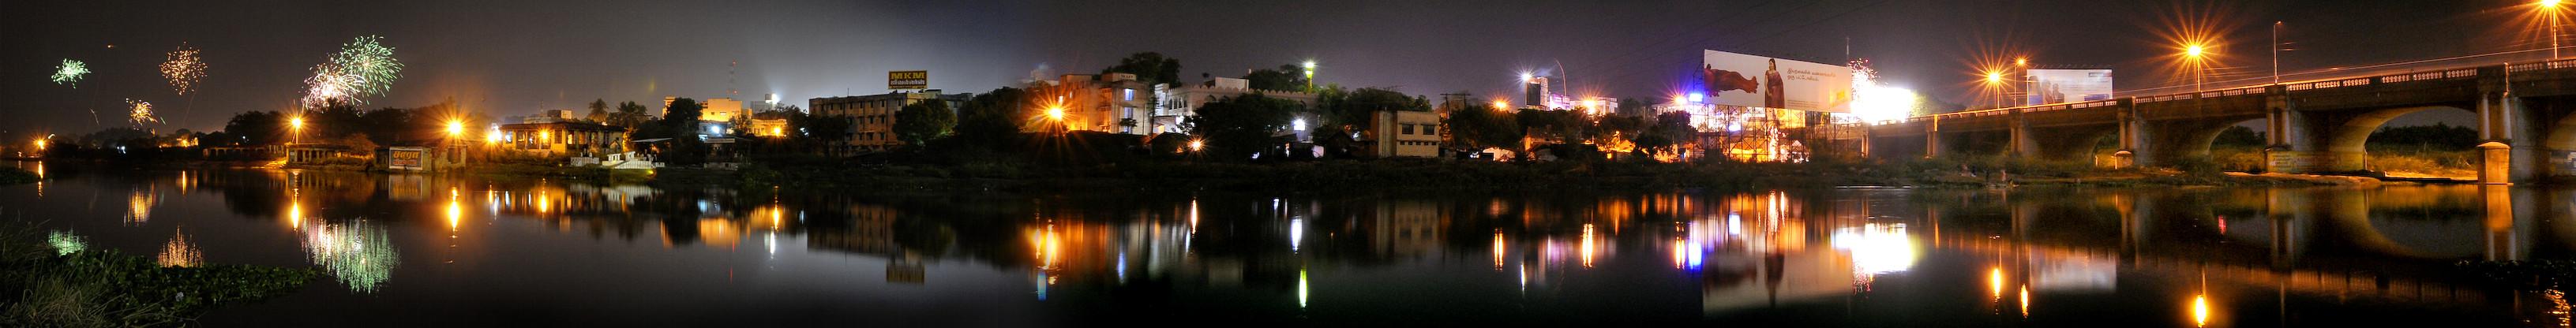 Diwali In Tirunelveli